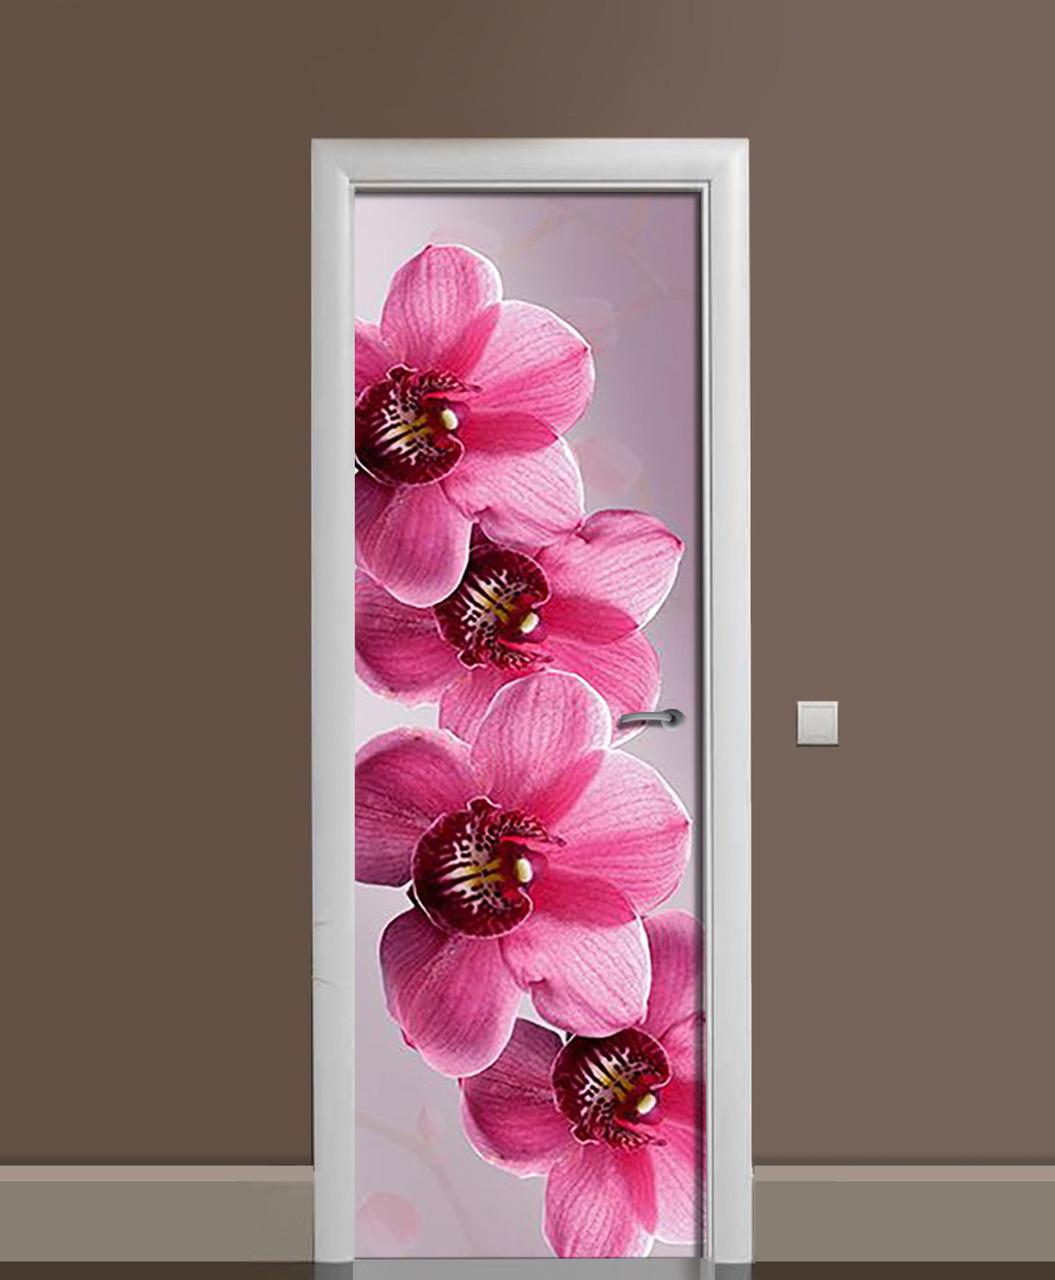 Виниловая наклейка на двери Крупные Розовые Орхидеи (самоклеющаяся ламинированная пленка ПВХ) цветы 650*2000 мм